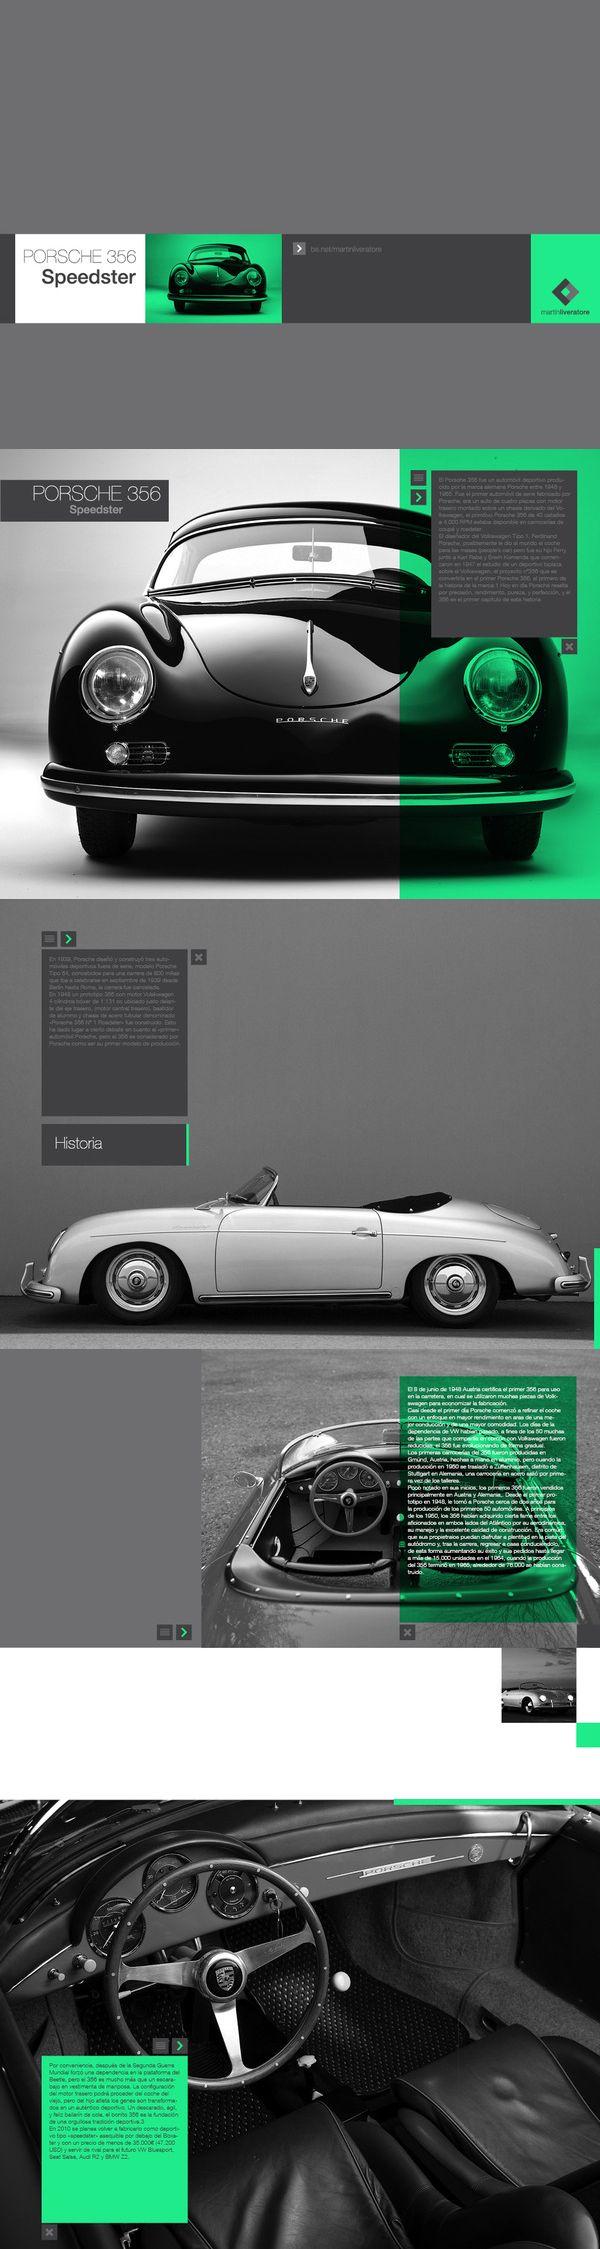 Porsche 356 Speedster interactive book by Martin Liveratore